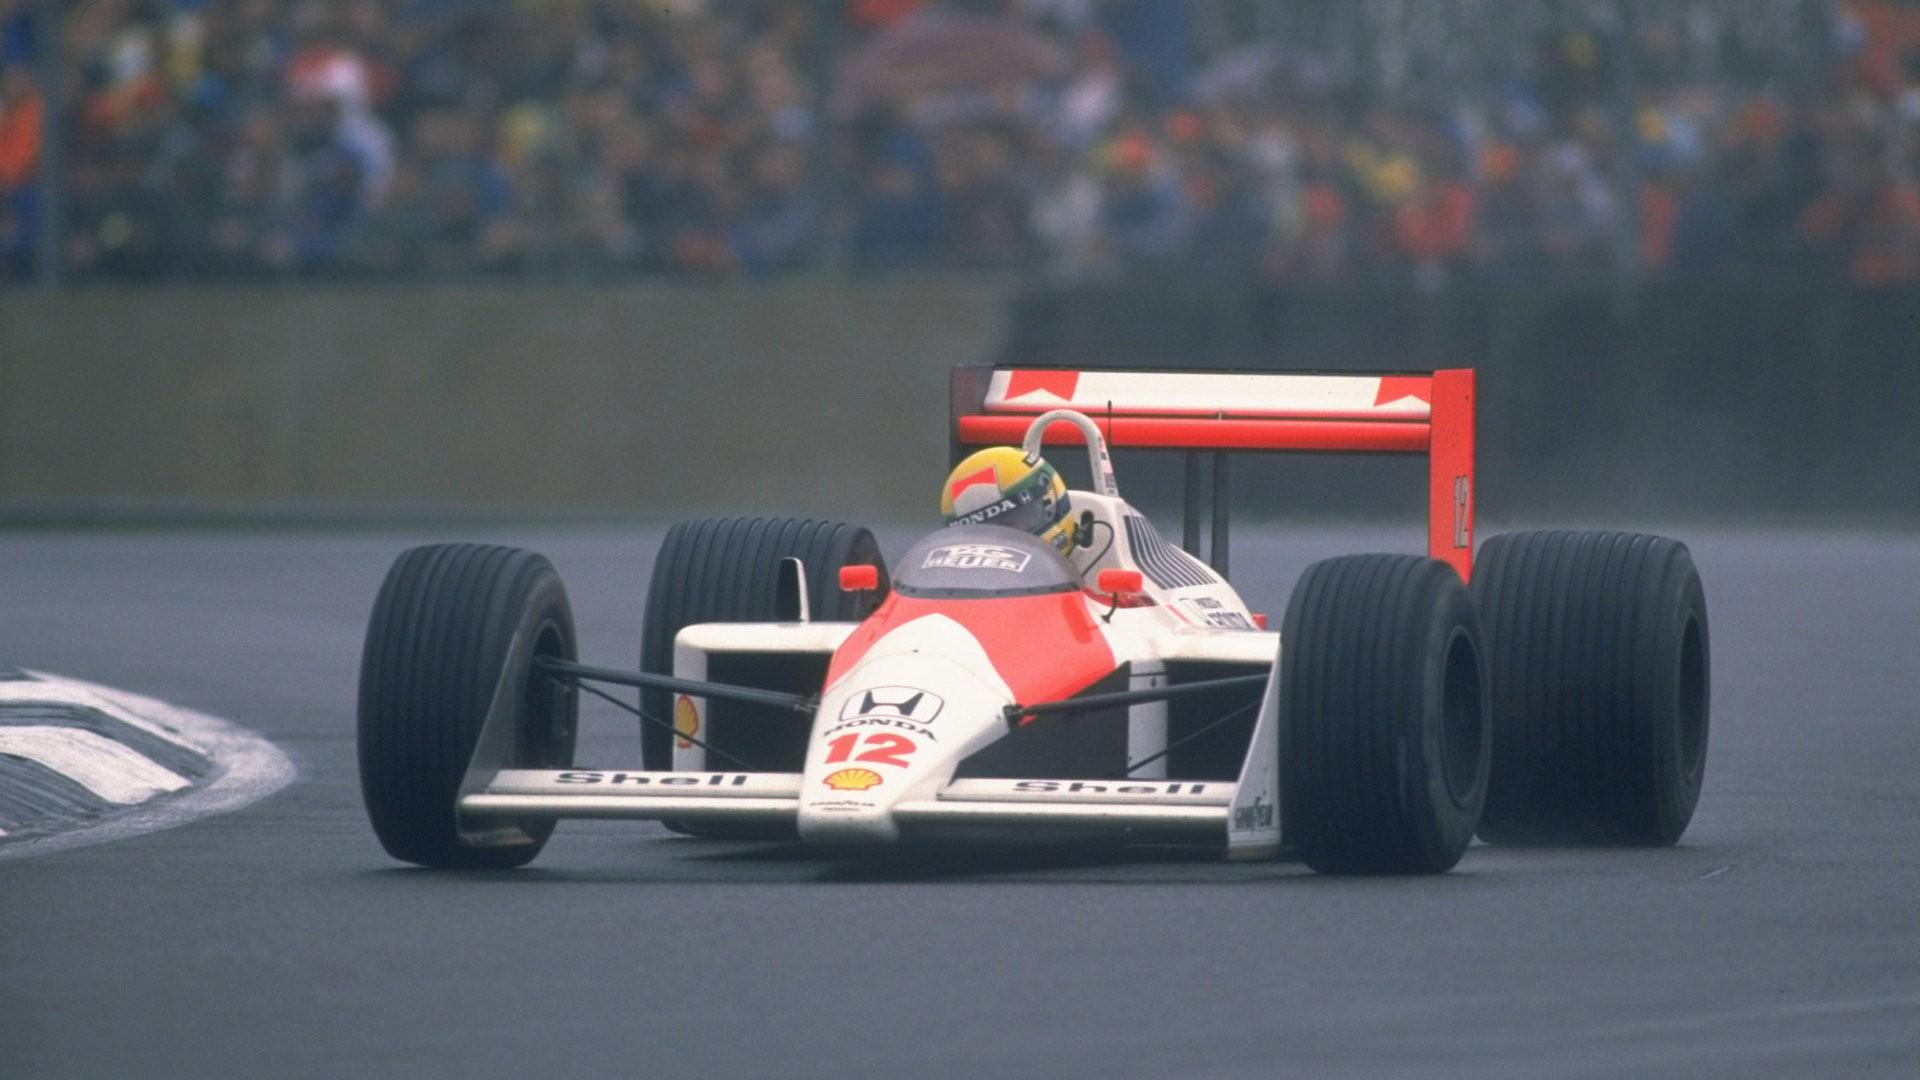 Hd Ayrton Senna Wallpaper Wiki Hd Ayrton Senna Quotes